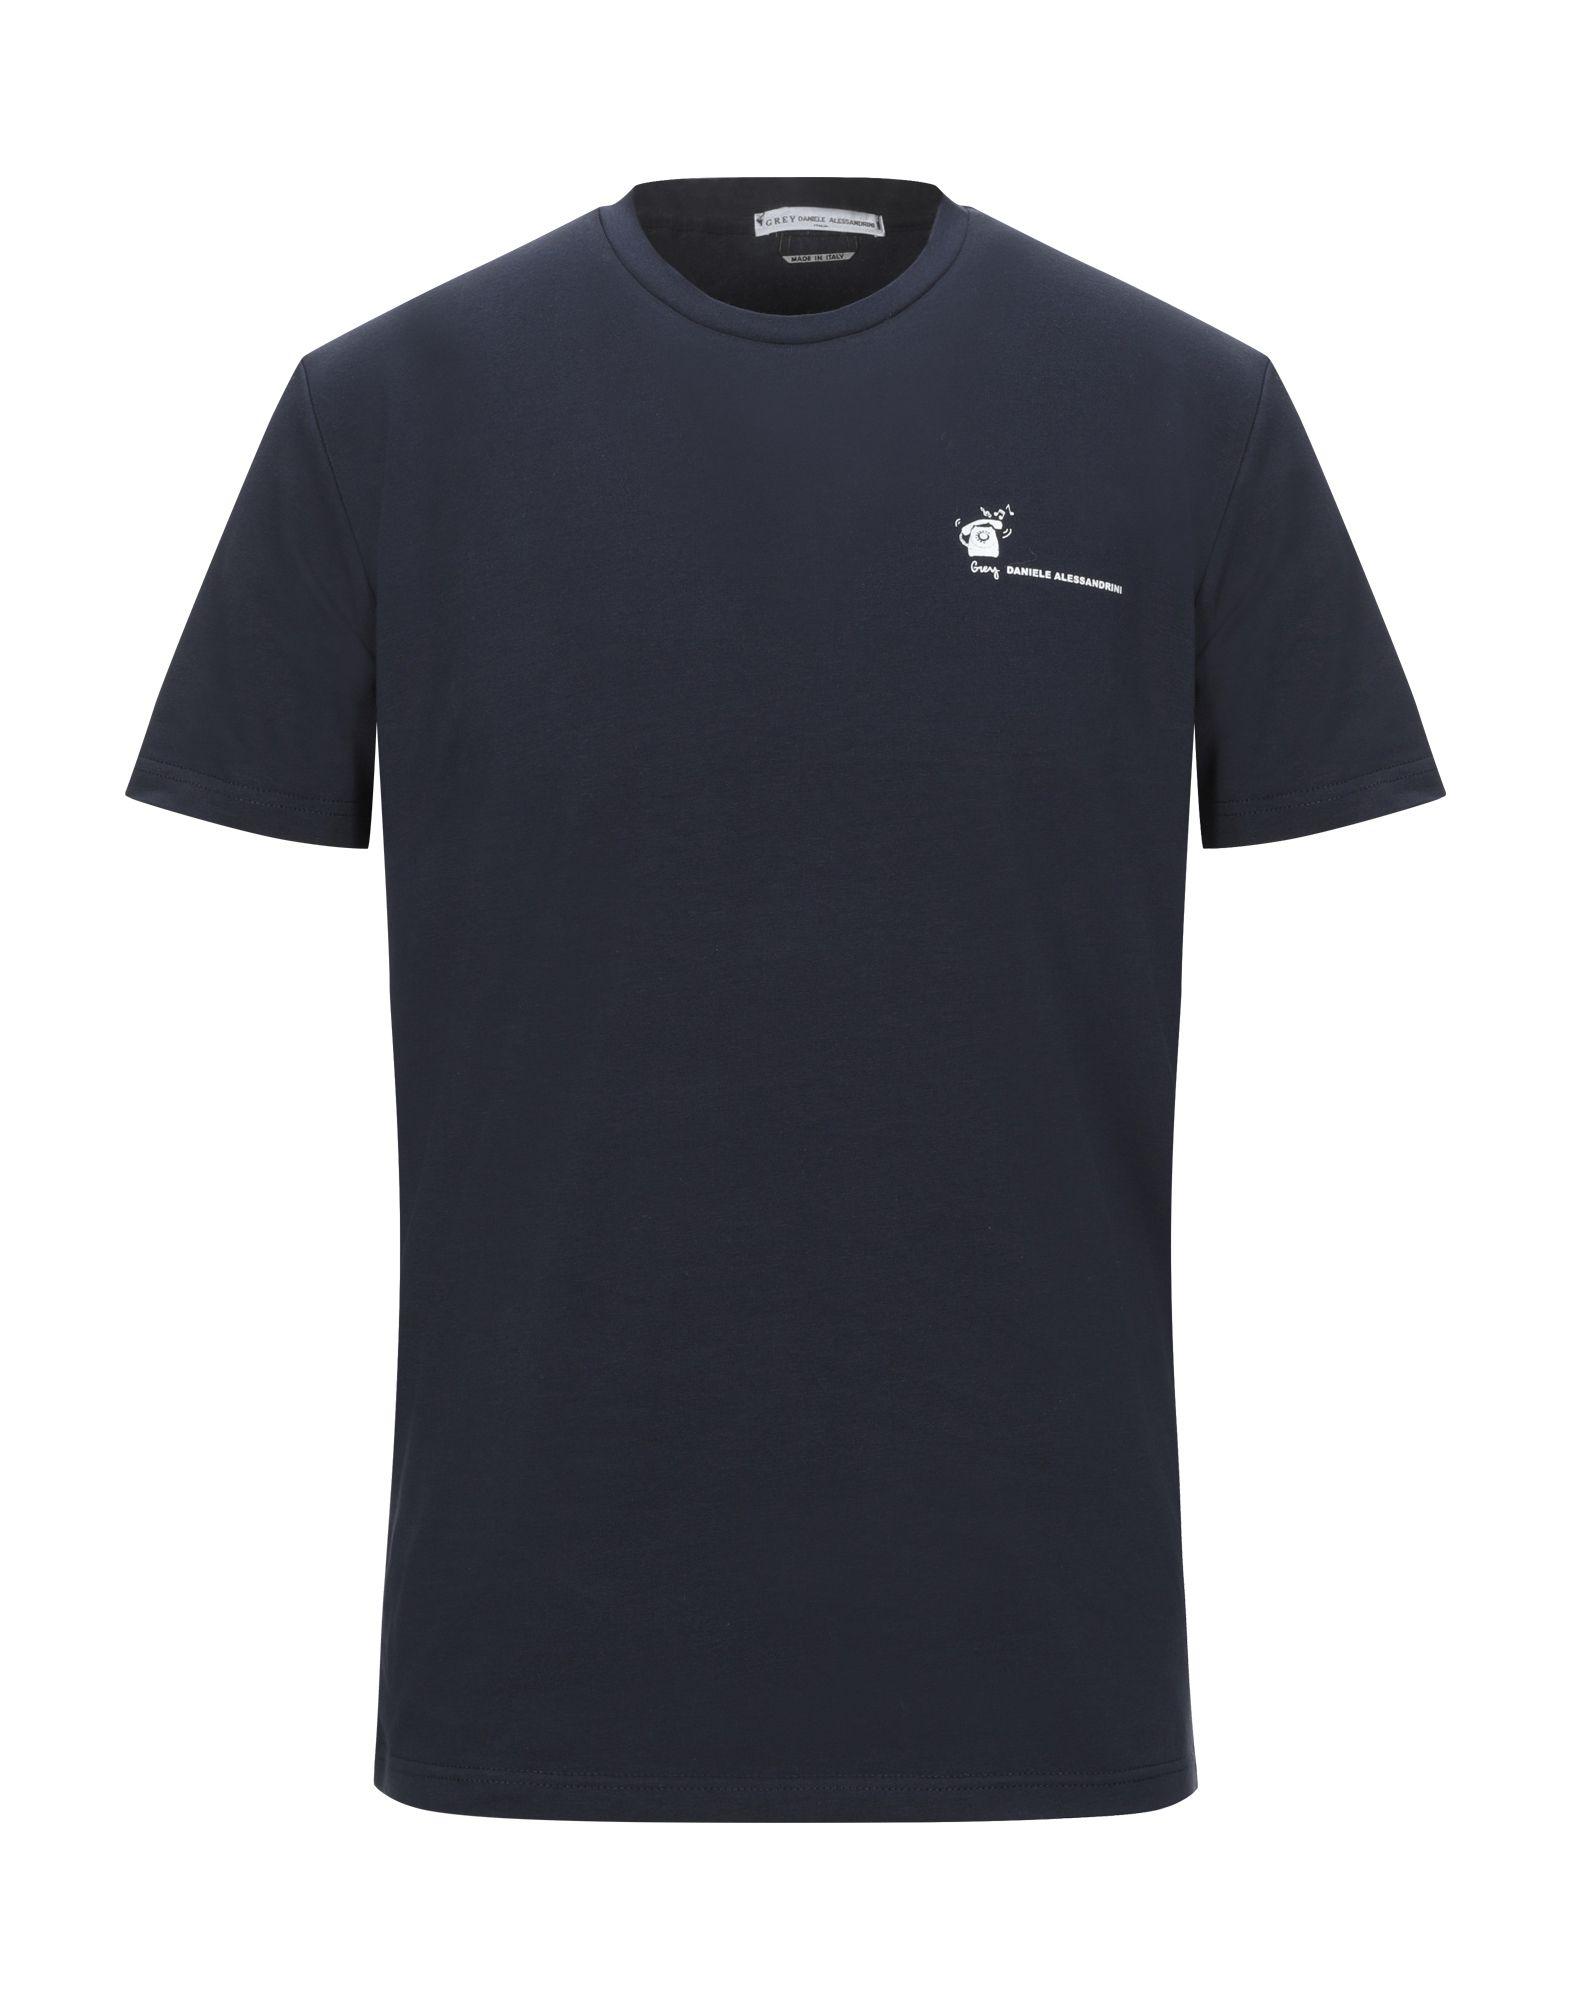 《セール開催中》GREY DANIELE ALESSANDRINI メンズ T シャツ ダークブルー S コットン 90% / ポリウレタン 10%